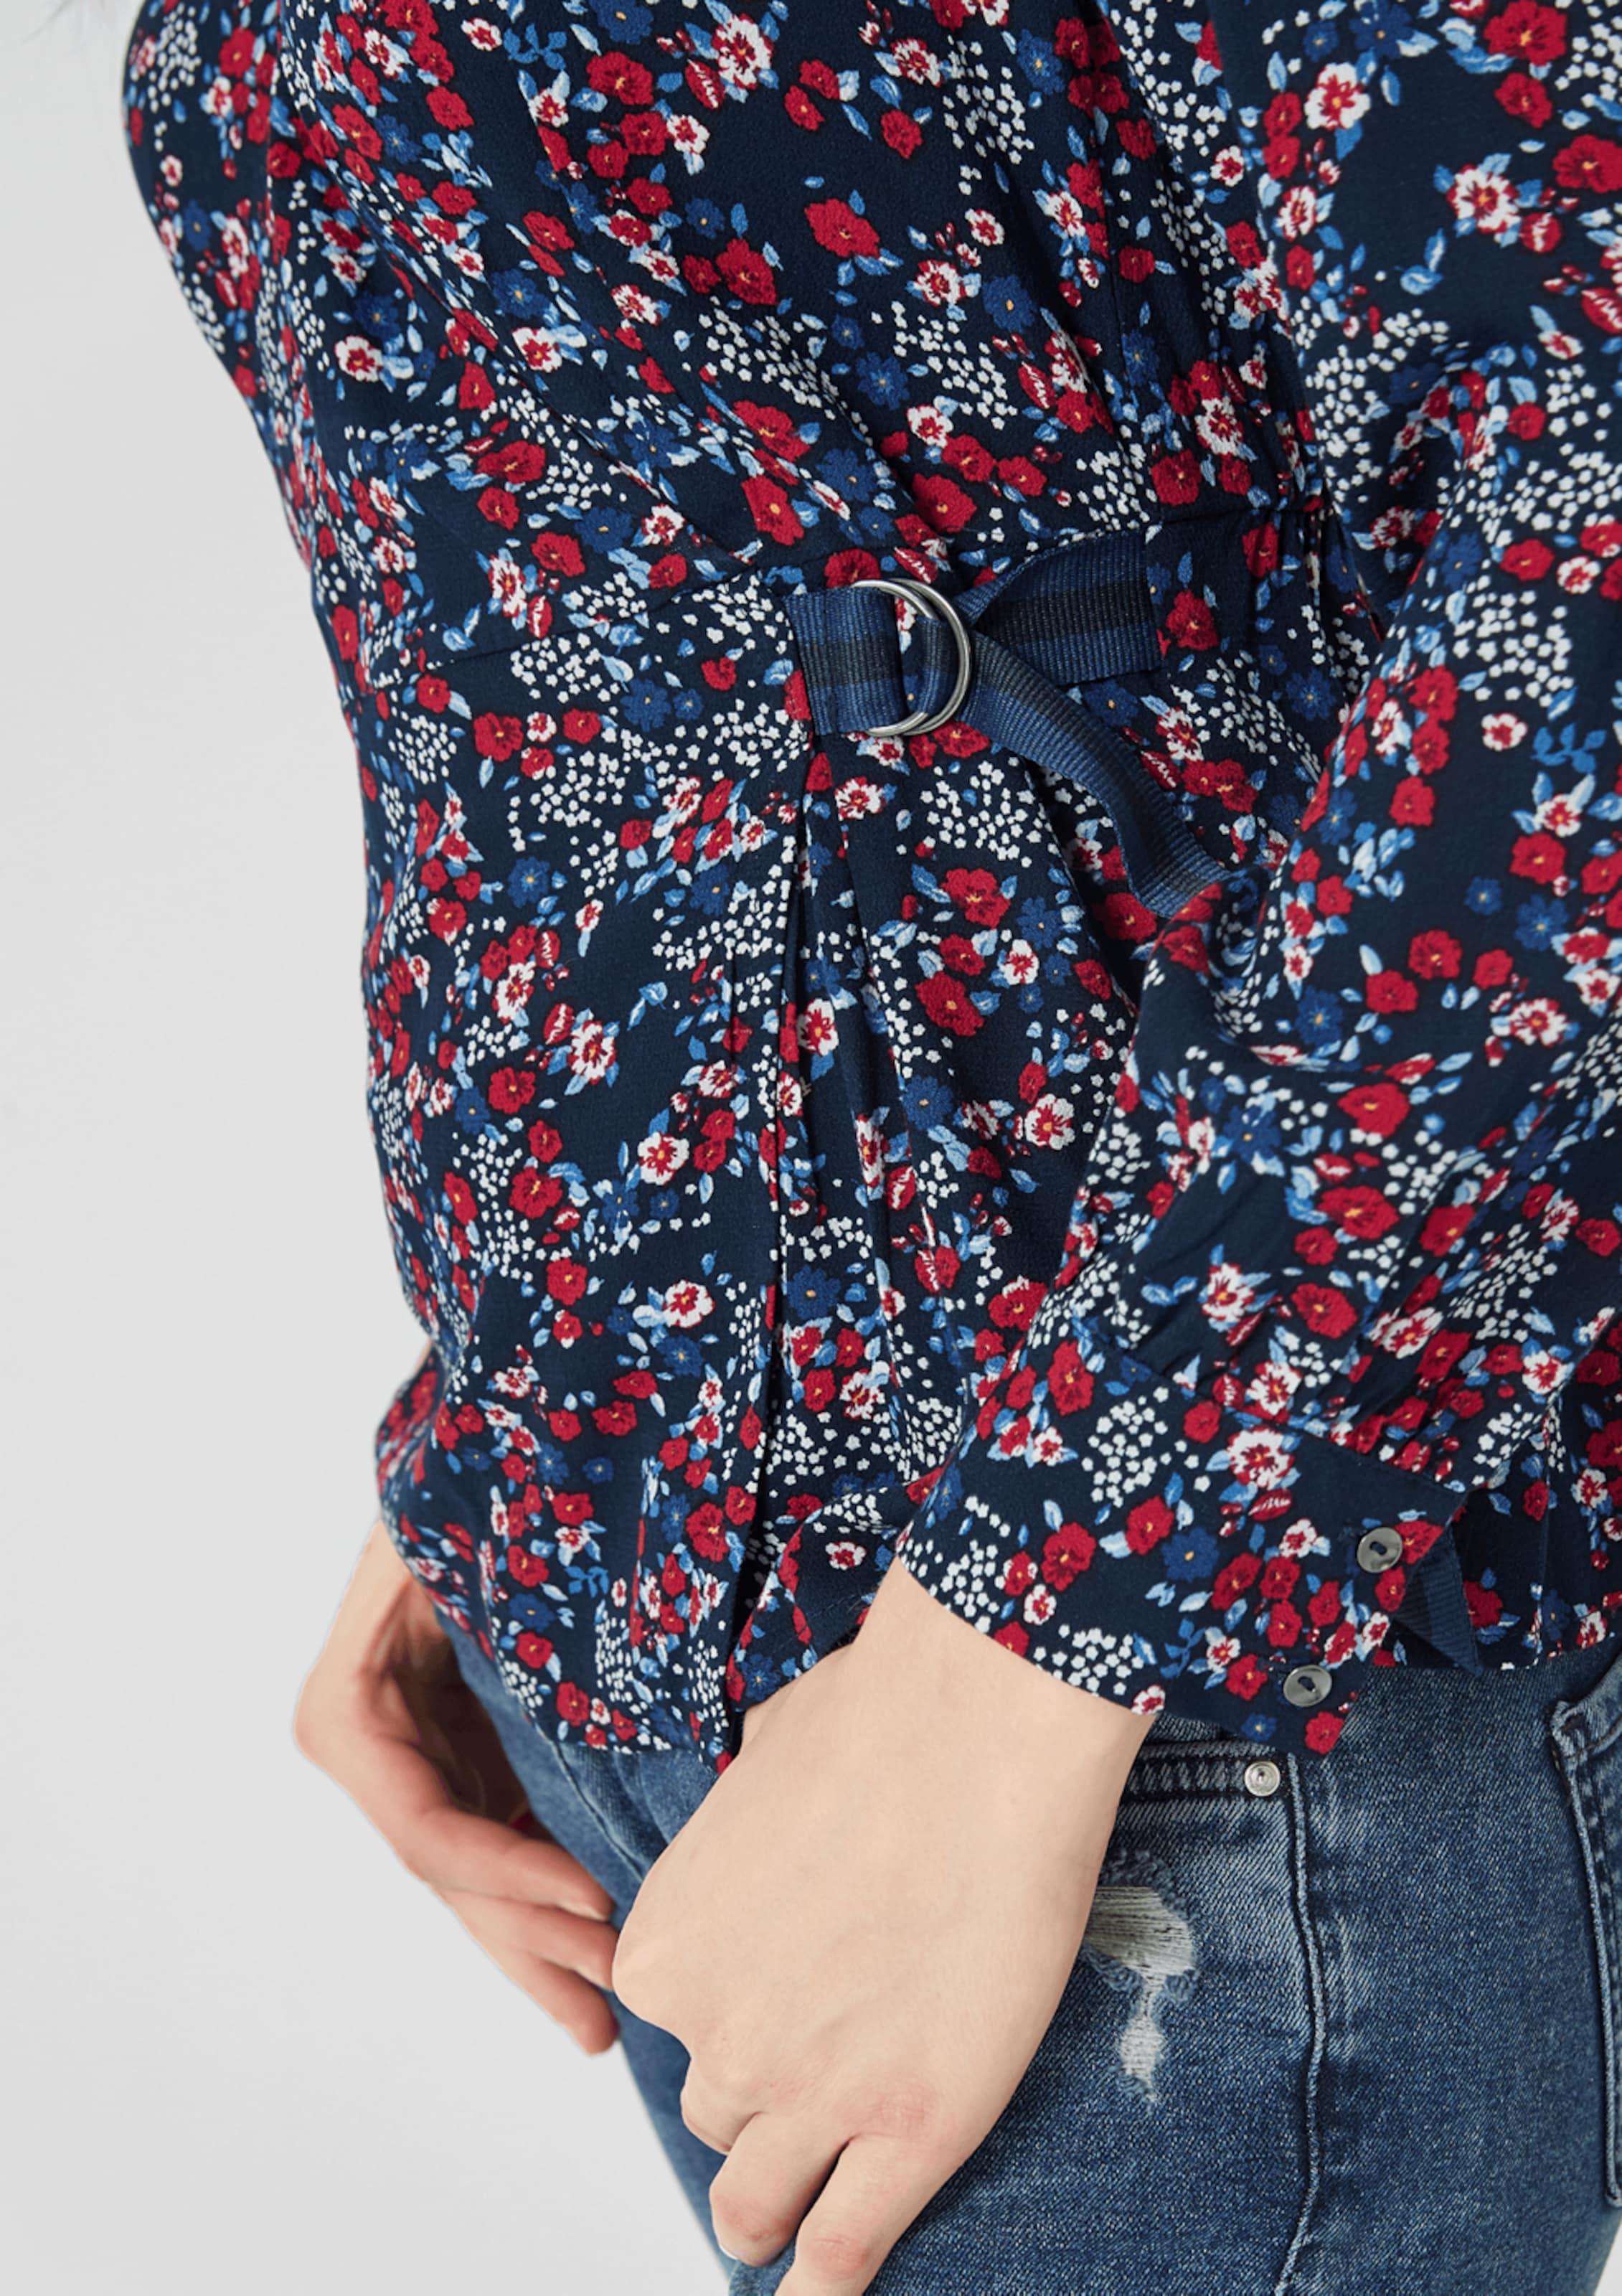 Bluse S oliver Red Kobaltblau 'crêpebluse' Label In 35AqjRL4